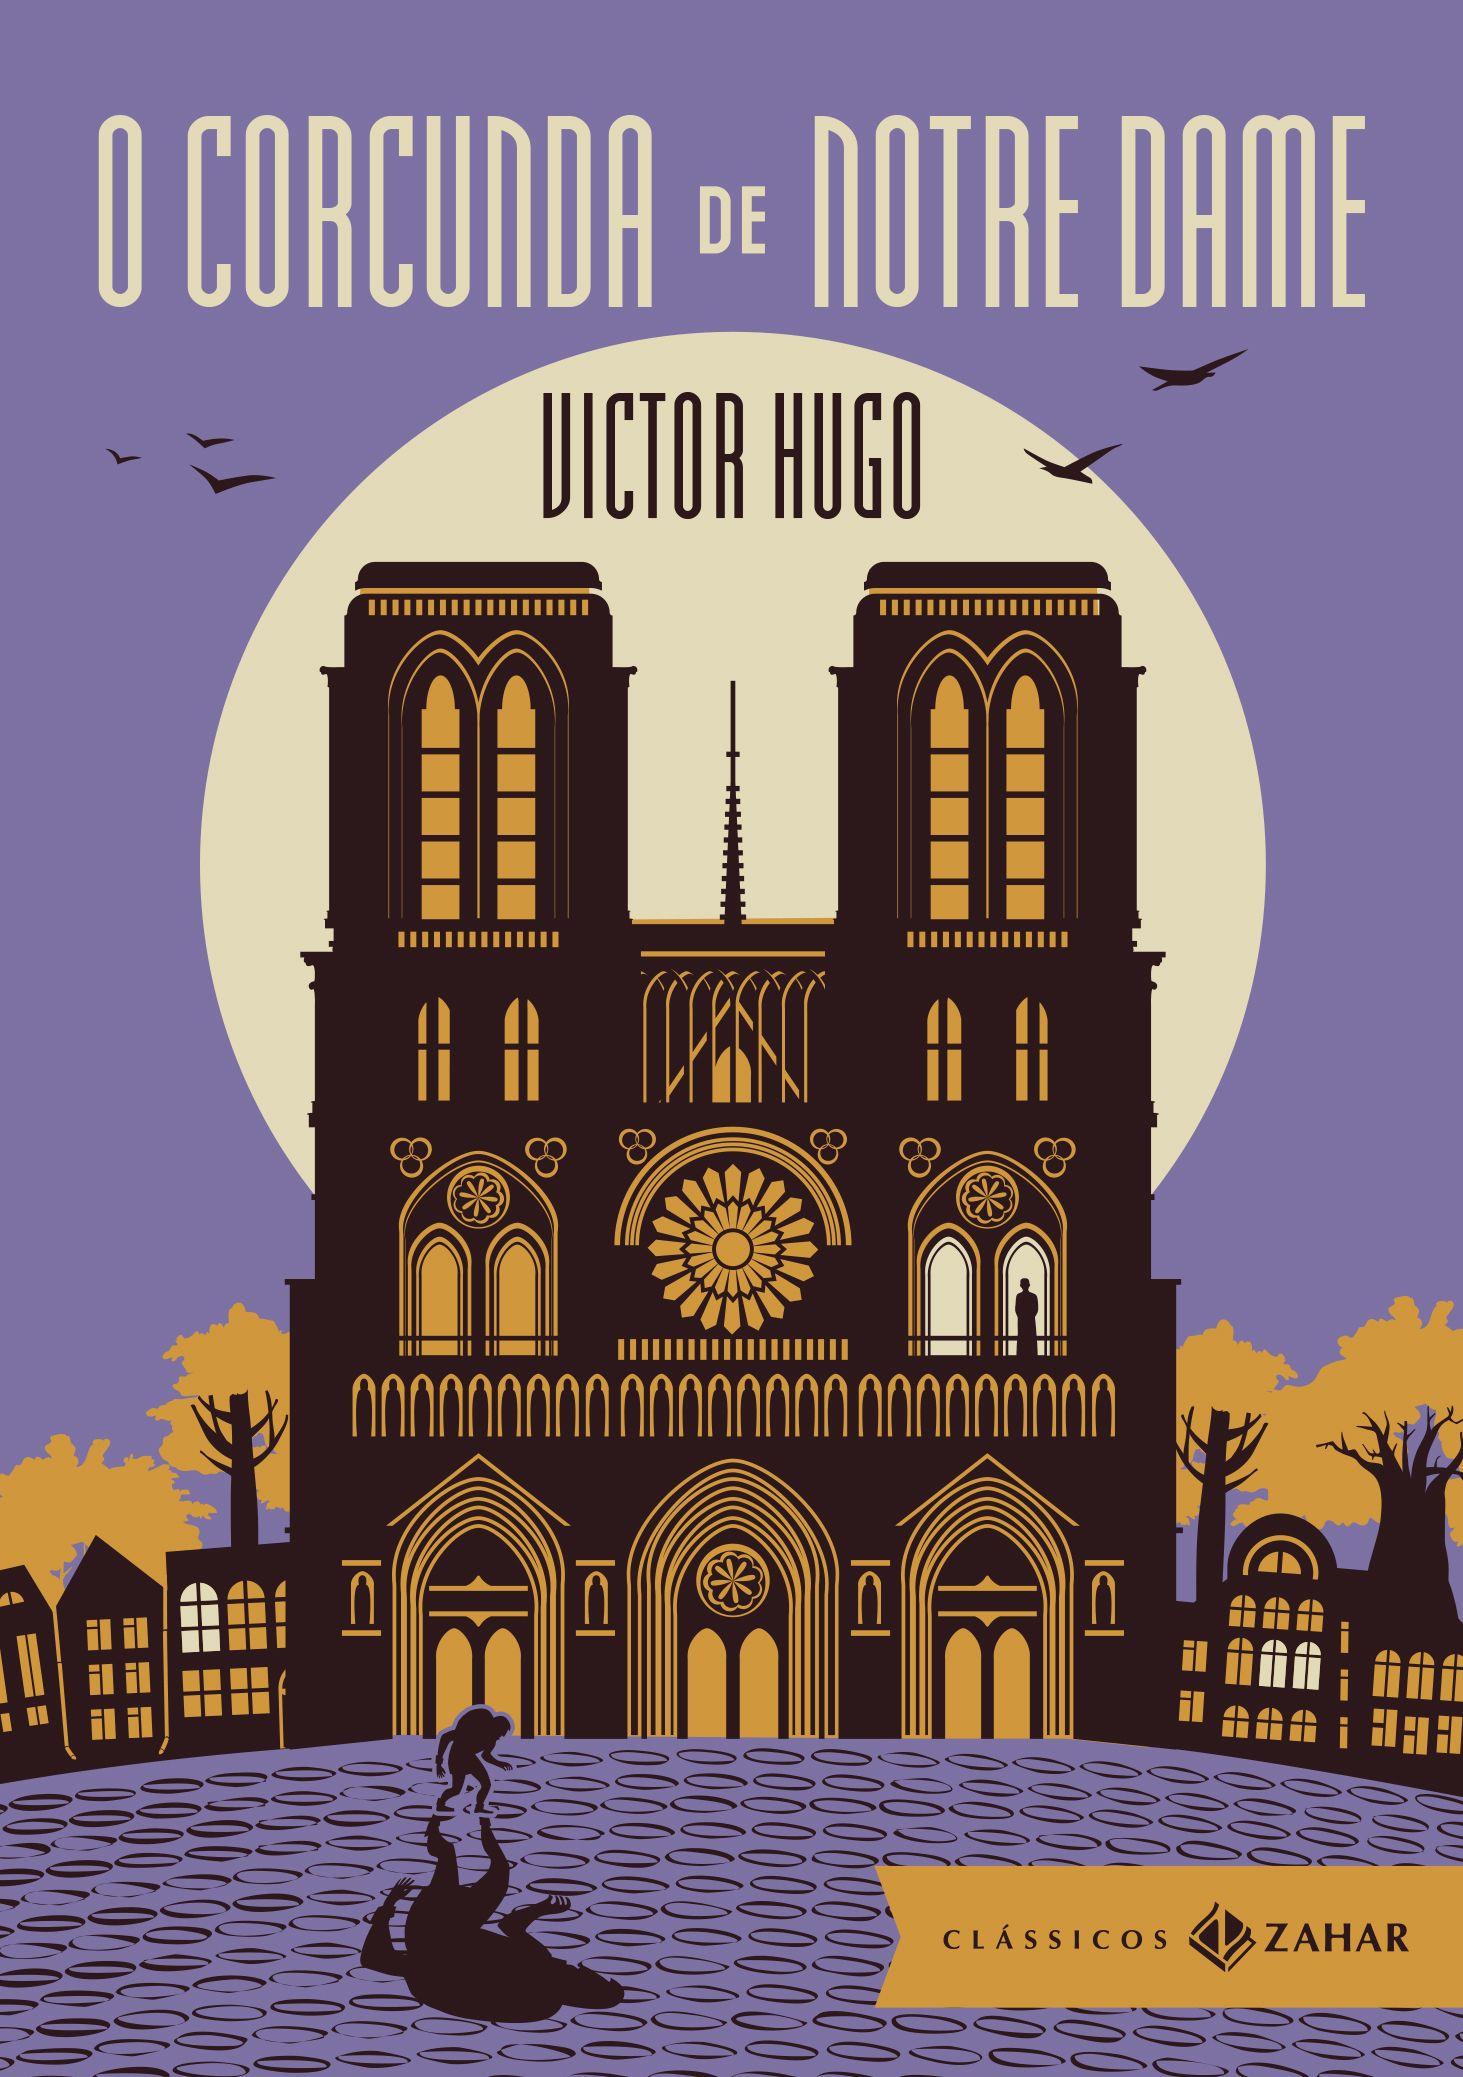 Livro O Corcunda de Notre Dame, de Victor Hugo, pela editora Zahar.